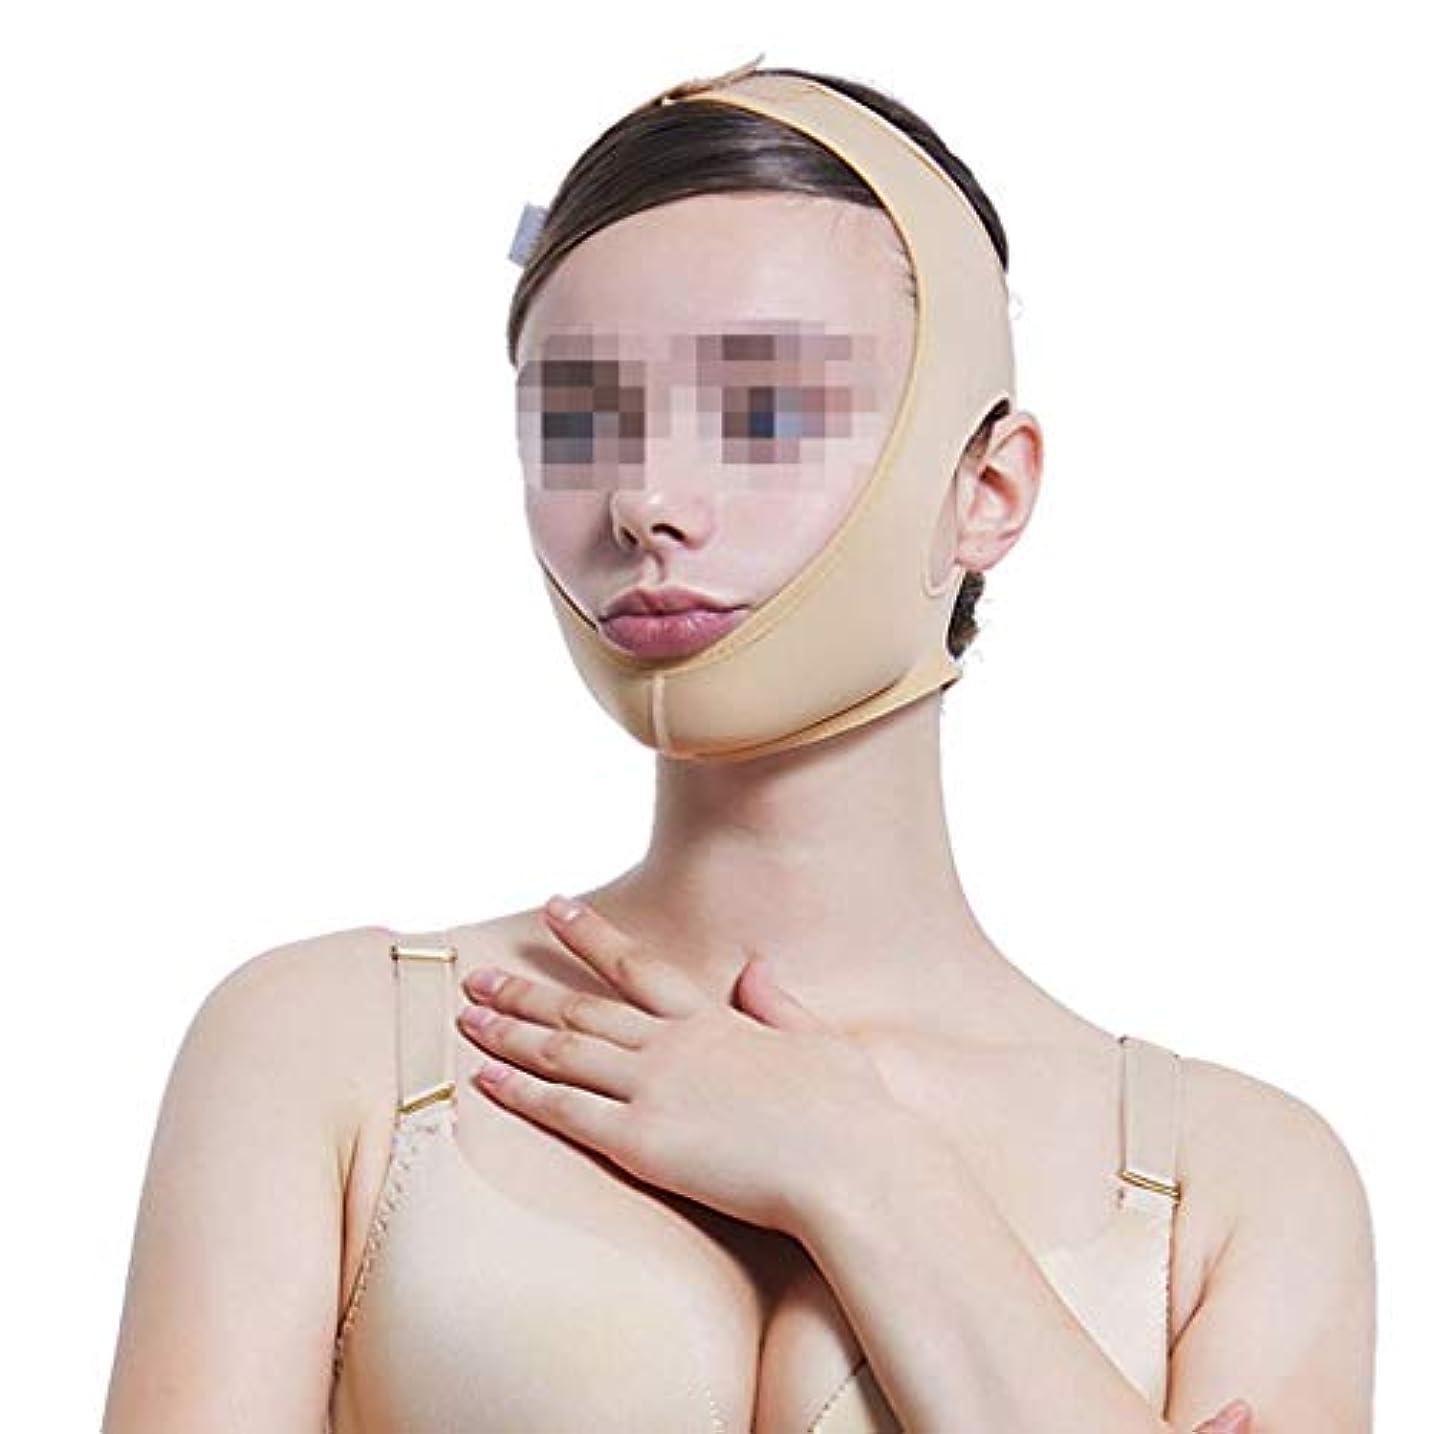 無視する人類発言するビームフェイス弾性ヘッドギア、ダブルあごのあごのセットをマスクの後に線彫り薄いフェイス包帯マルチサイズオプション(サイズ:XS),L